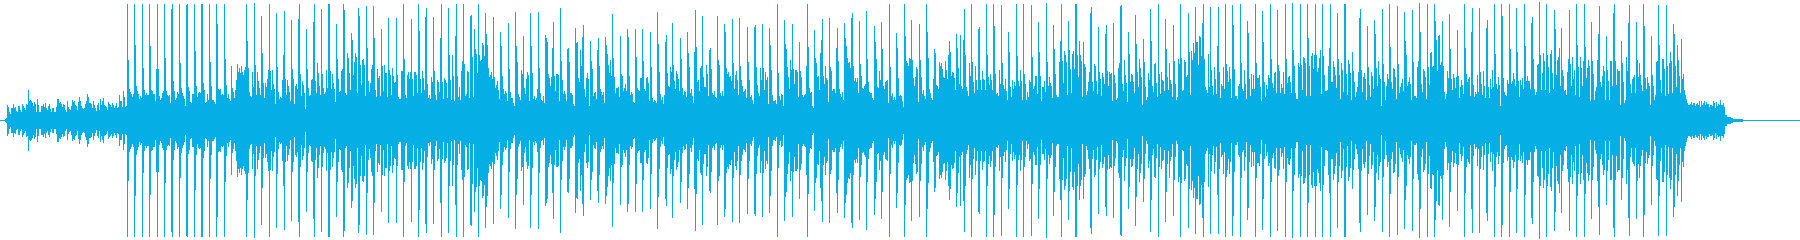 爽快でポジティブなアコースティック曲Cの再生済みの波形